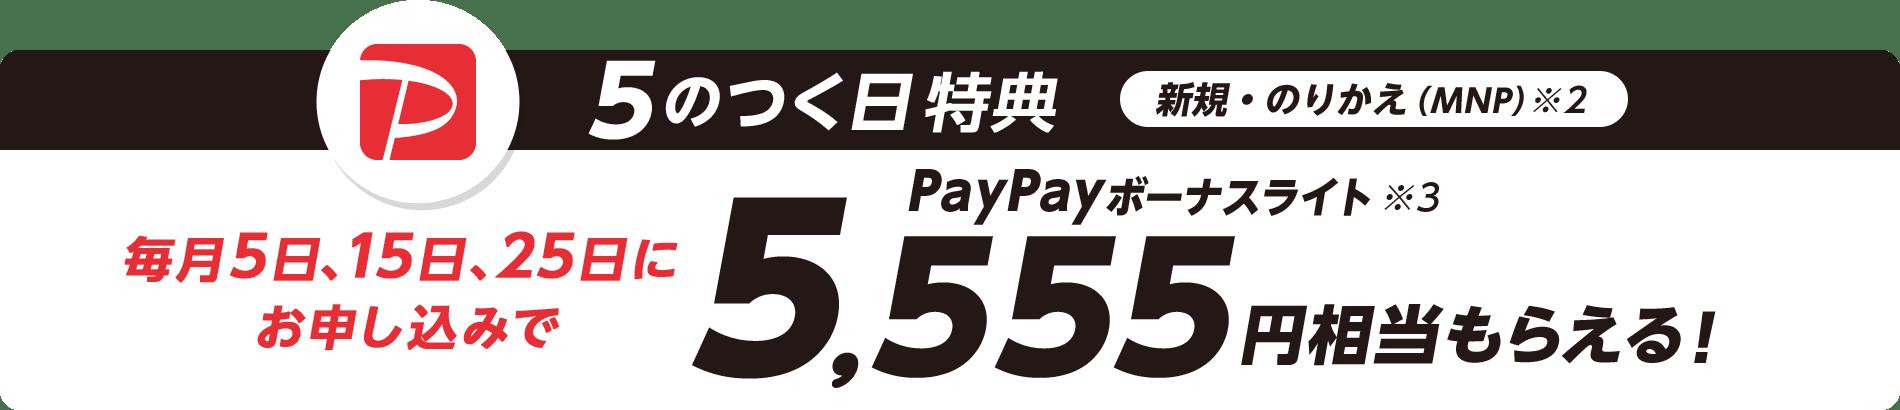 5のつく日特典 新規・のりかえ(MNP)※2 毎月5日、15日、25日にお申し込みでPayPayボーナスライト※3 5,555円相当もらえる!